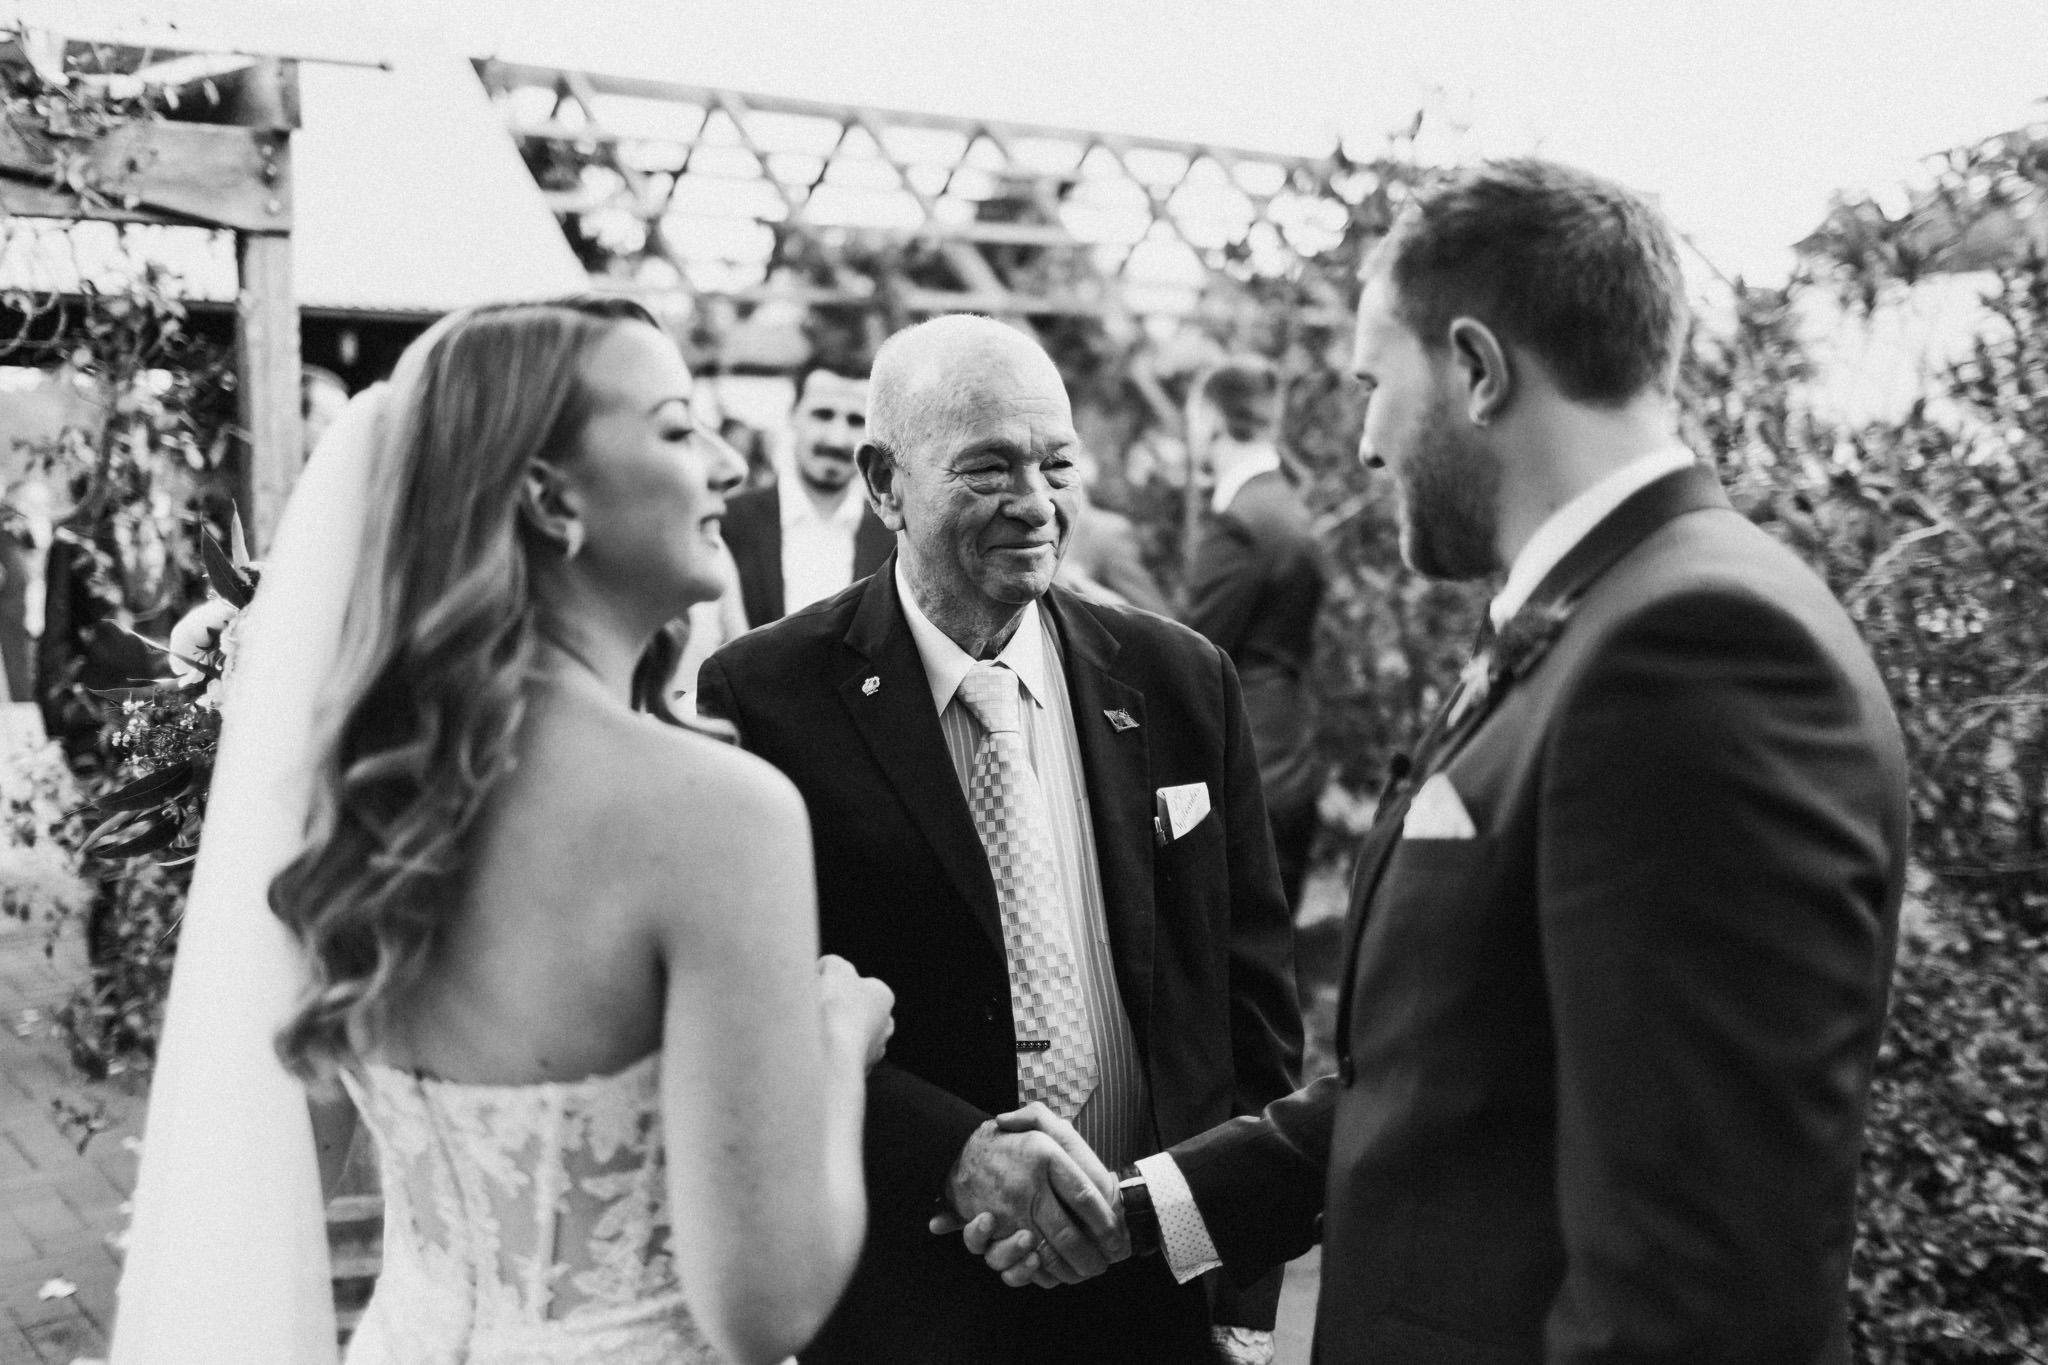 WeddingPhotos_Facebook_2048pixels-1059.jpg